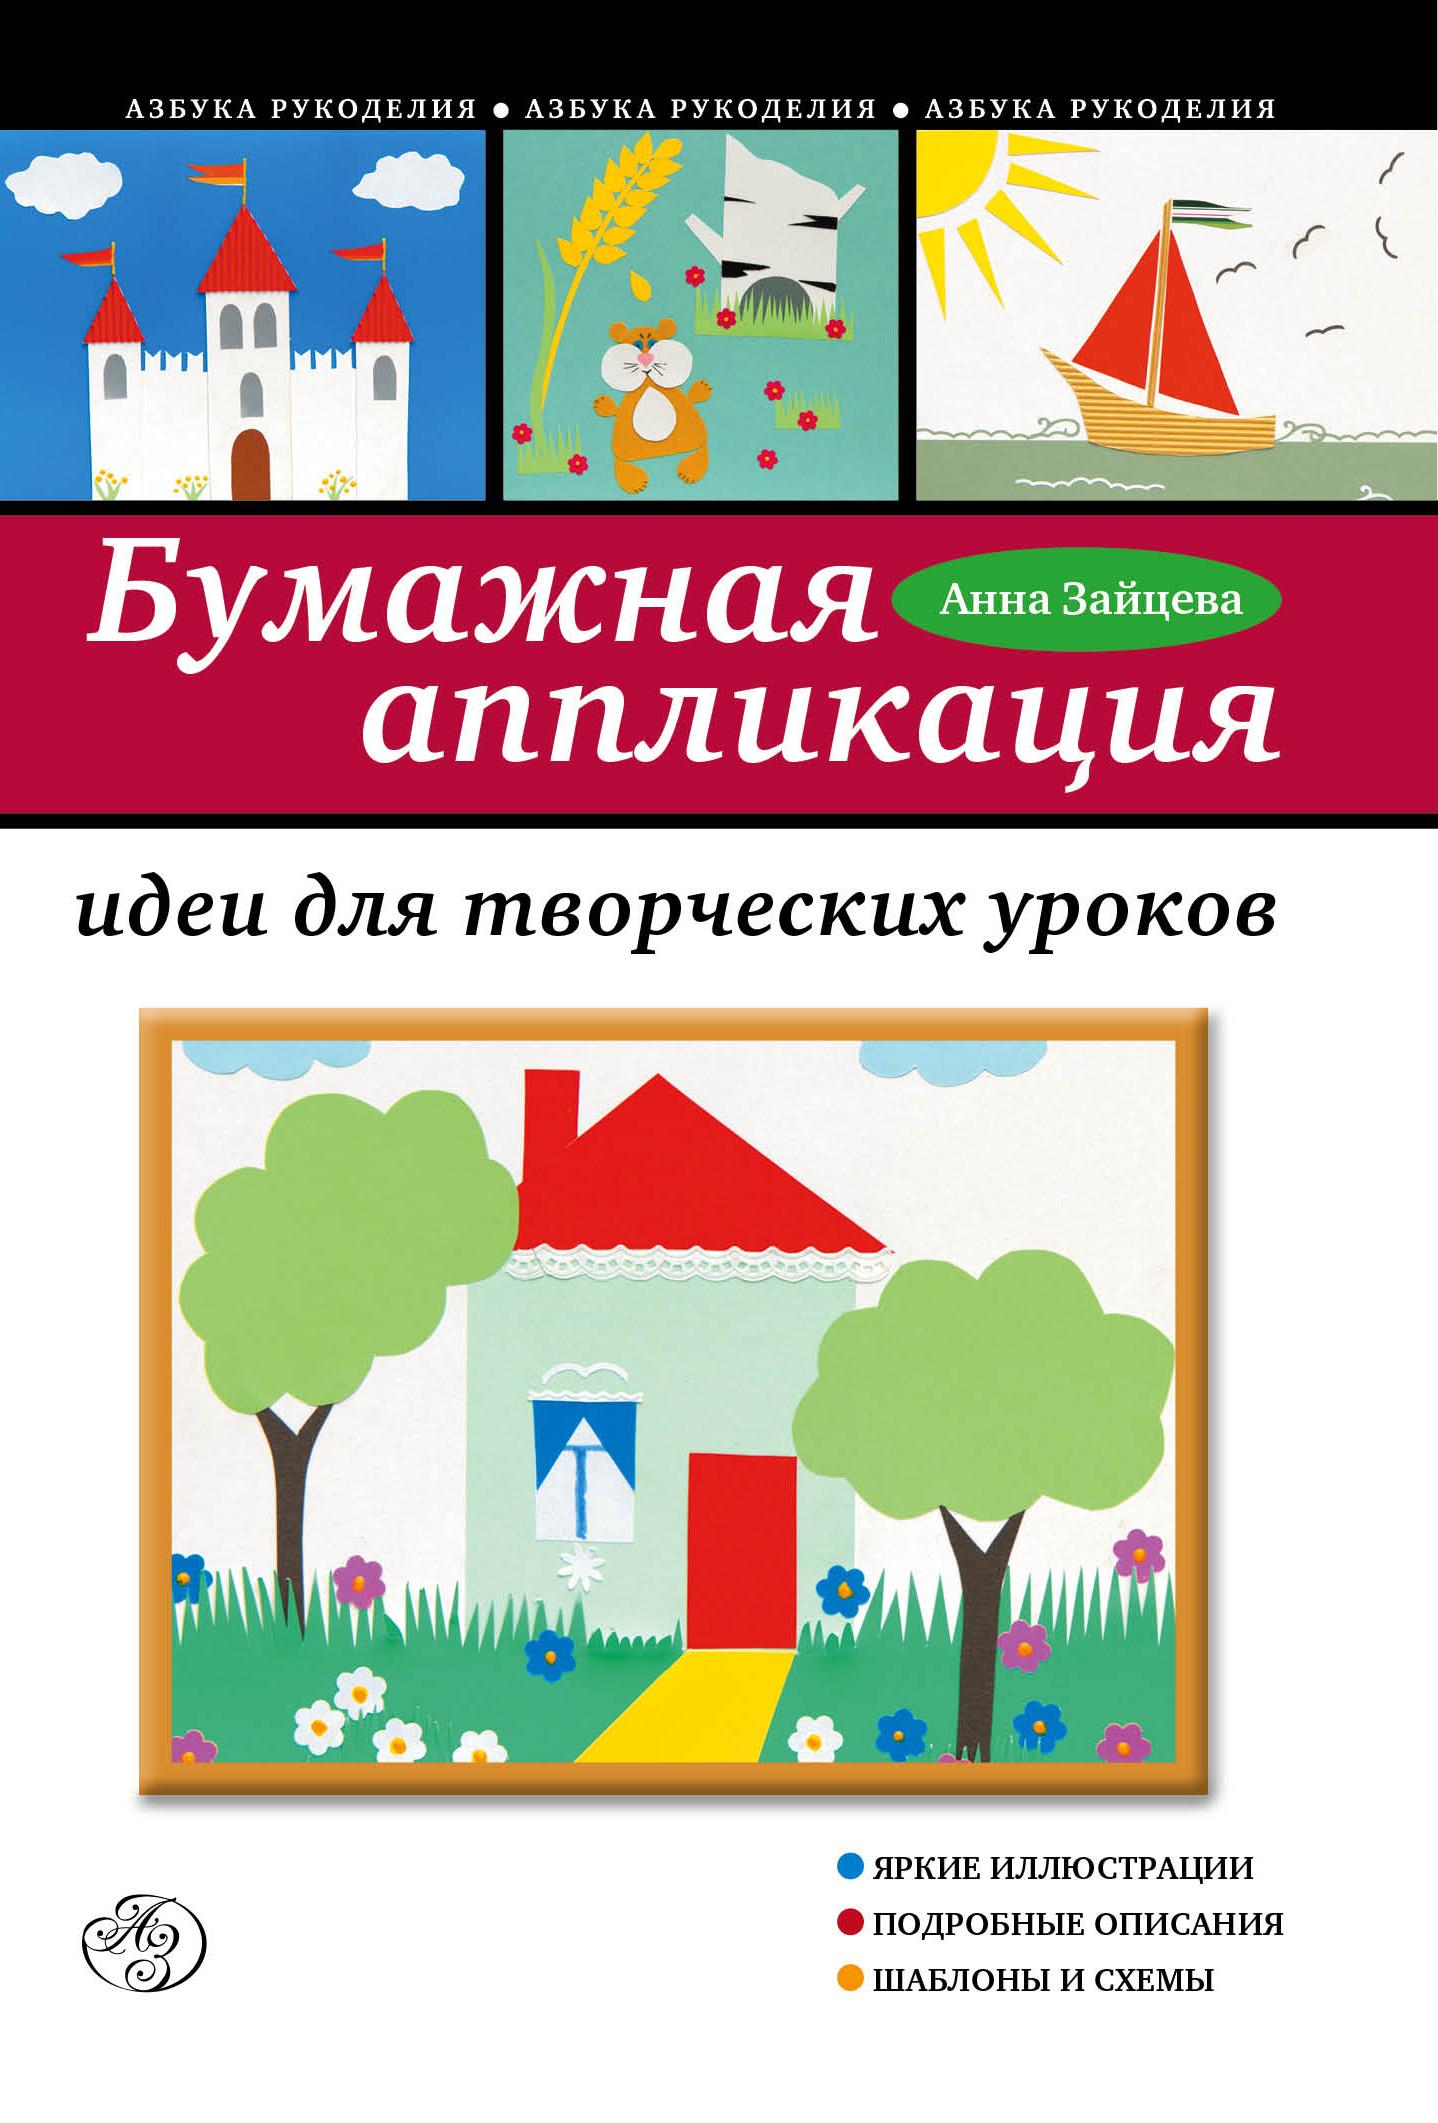 Зайцева А.А. Бумажная аппликация: идеи для творческих уроков какой микрофон ребенку для начала